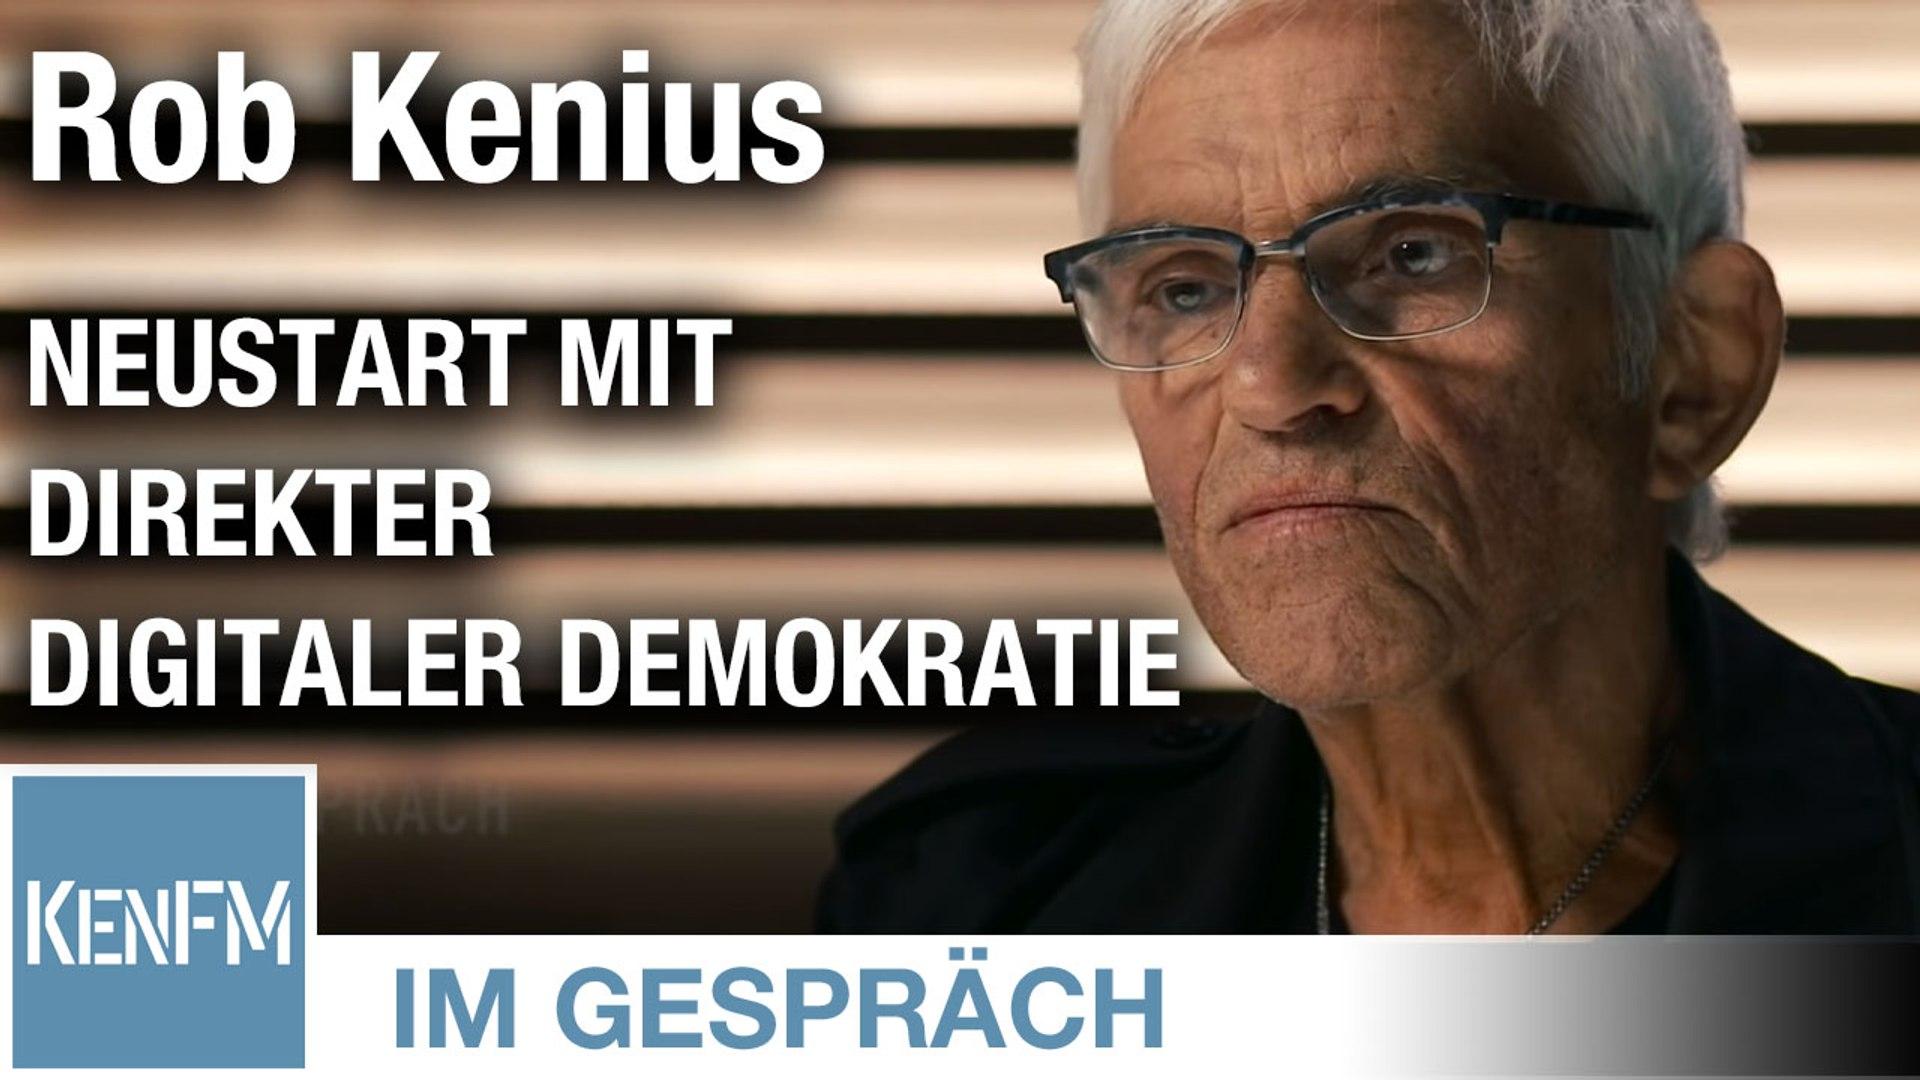 """Im Gespräch: Rob Kenius (""""Neustart mit Direkter Digitaler Demokratie"""")"""